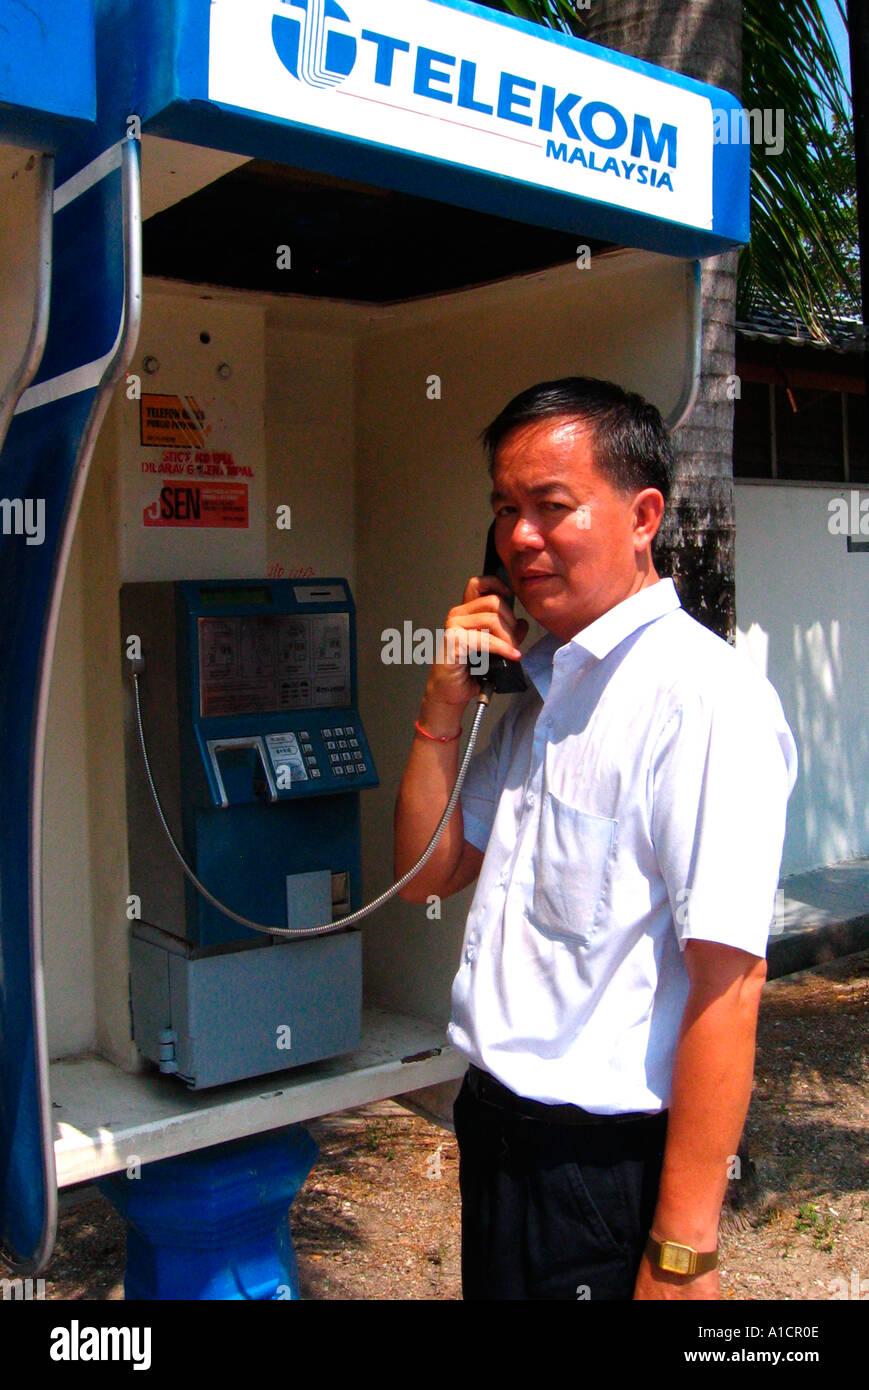 Man uses public Telekom Malaysia telephone Batu Ferringhi beach Penang - Stock Image